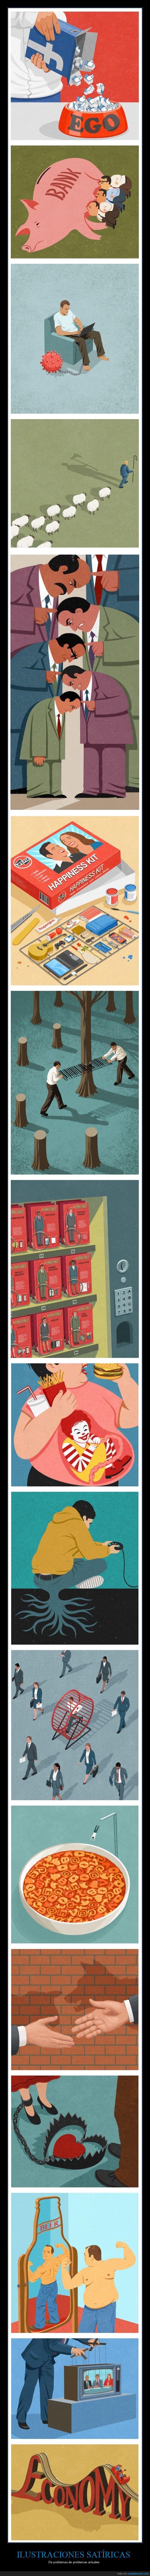 ilustraciones,john holcroft,problemas,sociedad